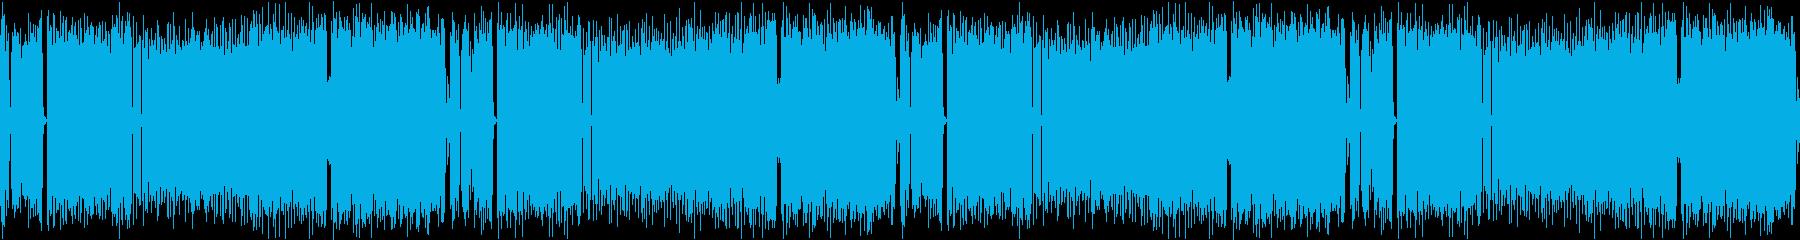 ハイテンション・パンク・OP・金管の再生済みの波形